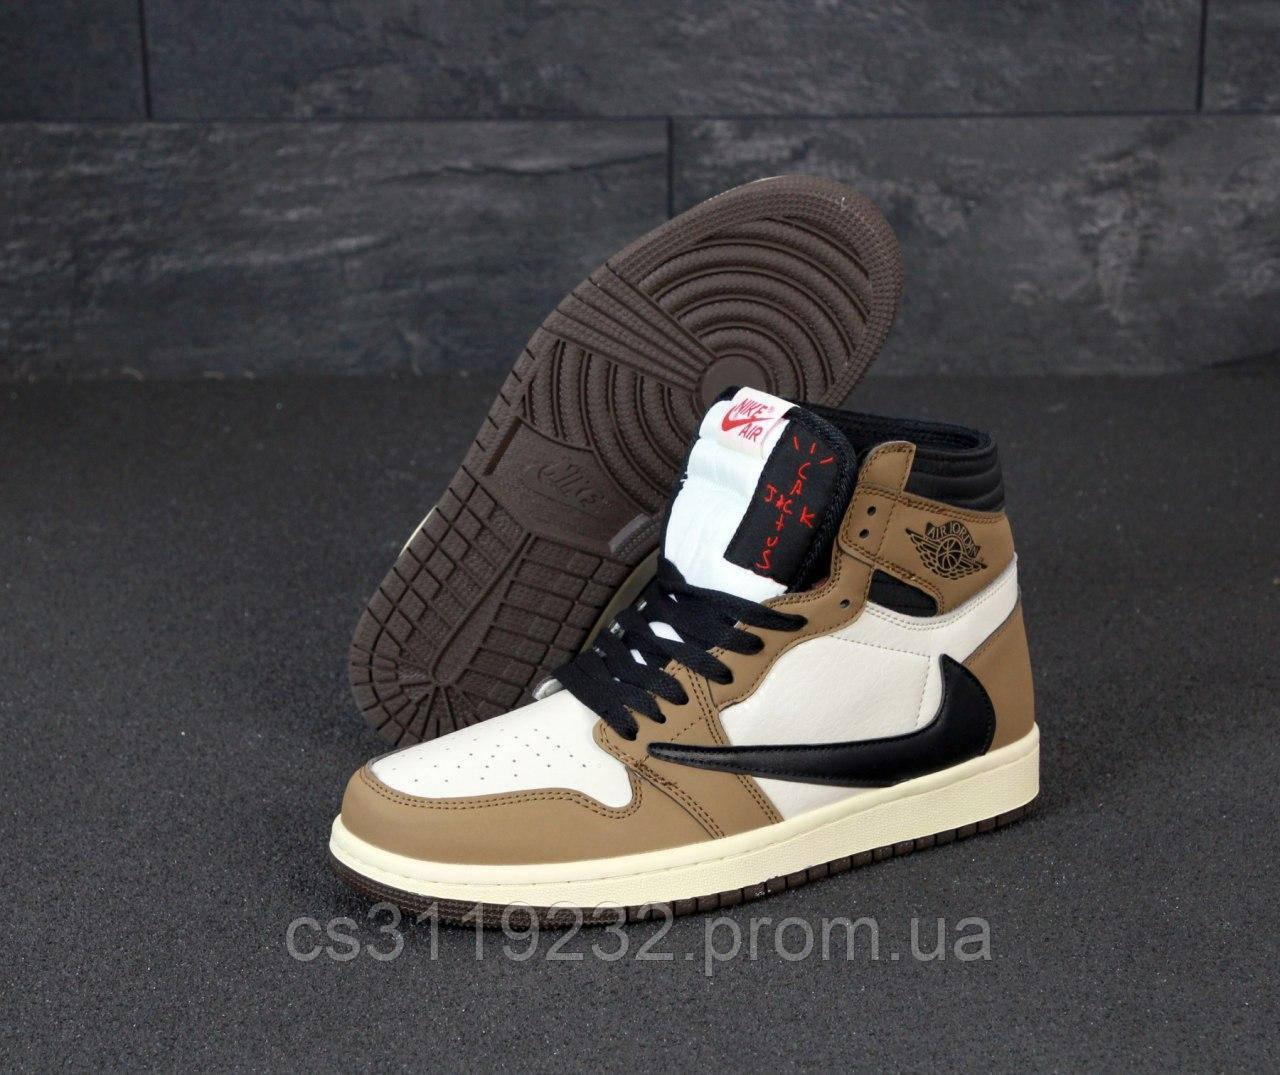 """Чоловічі кросівки Nike Air Jordan 1 High OG """"Cactus Jack"""" (біло-коричневий)"""